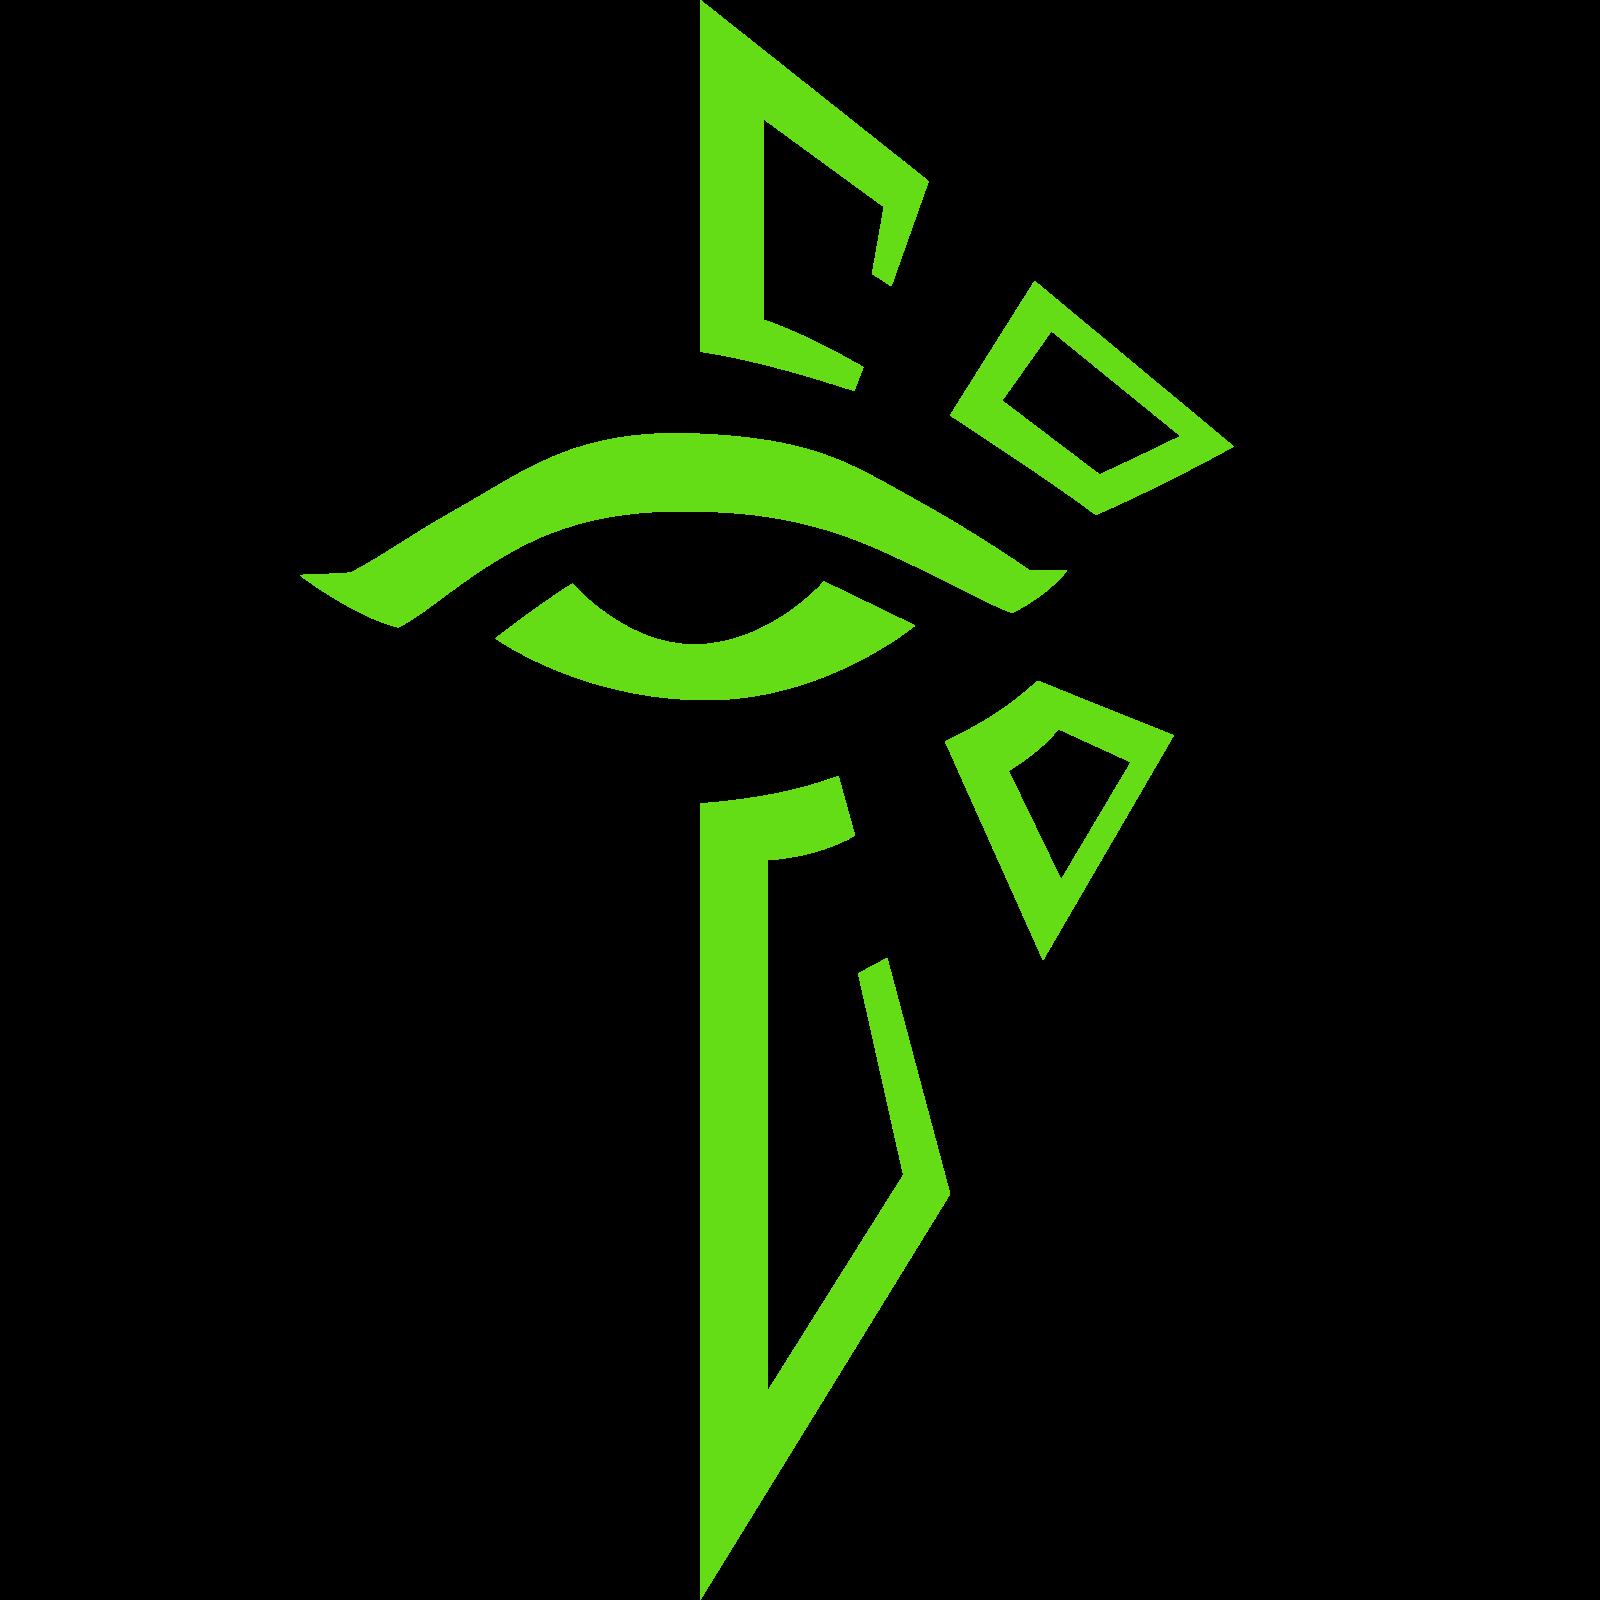 Enlightened icon